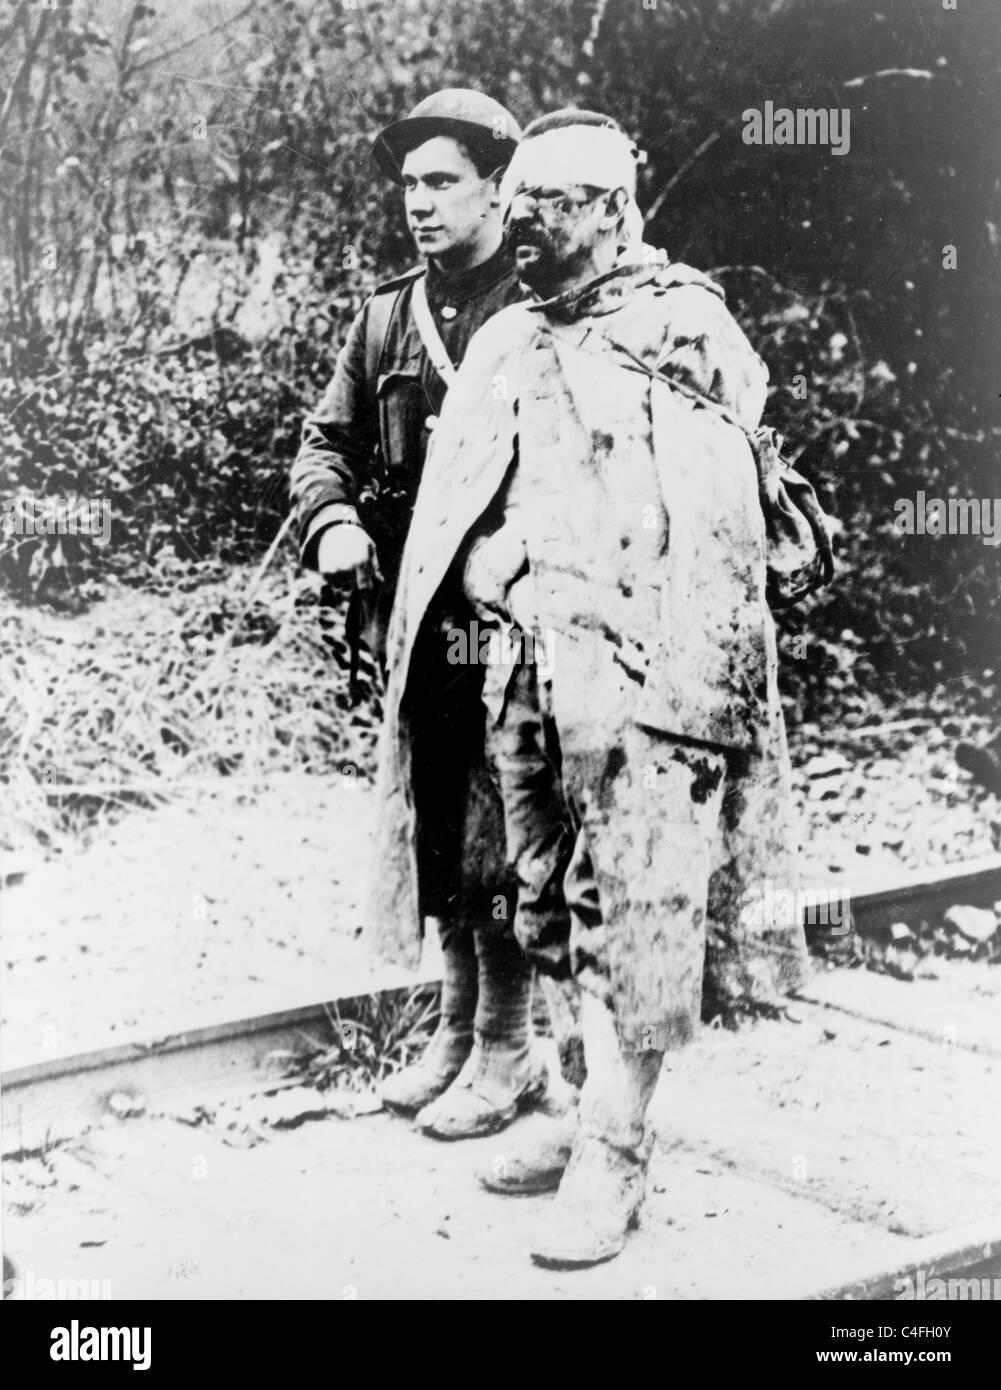 Eine britische Rote Kreuz geordnete eskortieren einen verwundeten, gefangen genommen, deutschen Soldat in einem Stockbild